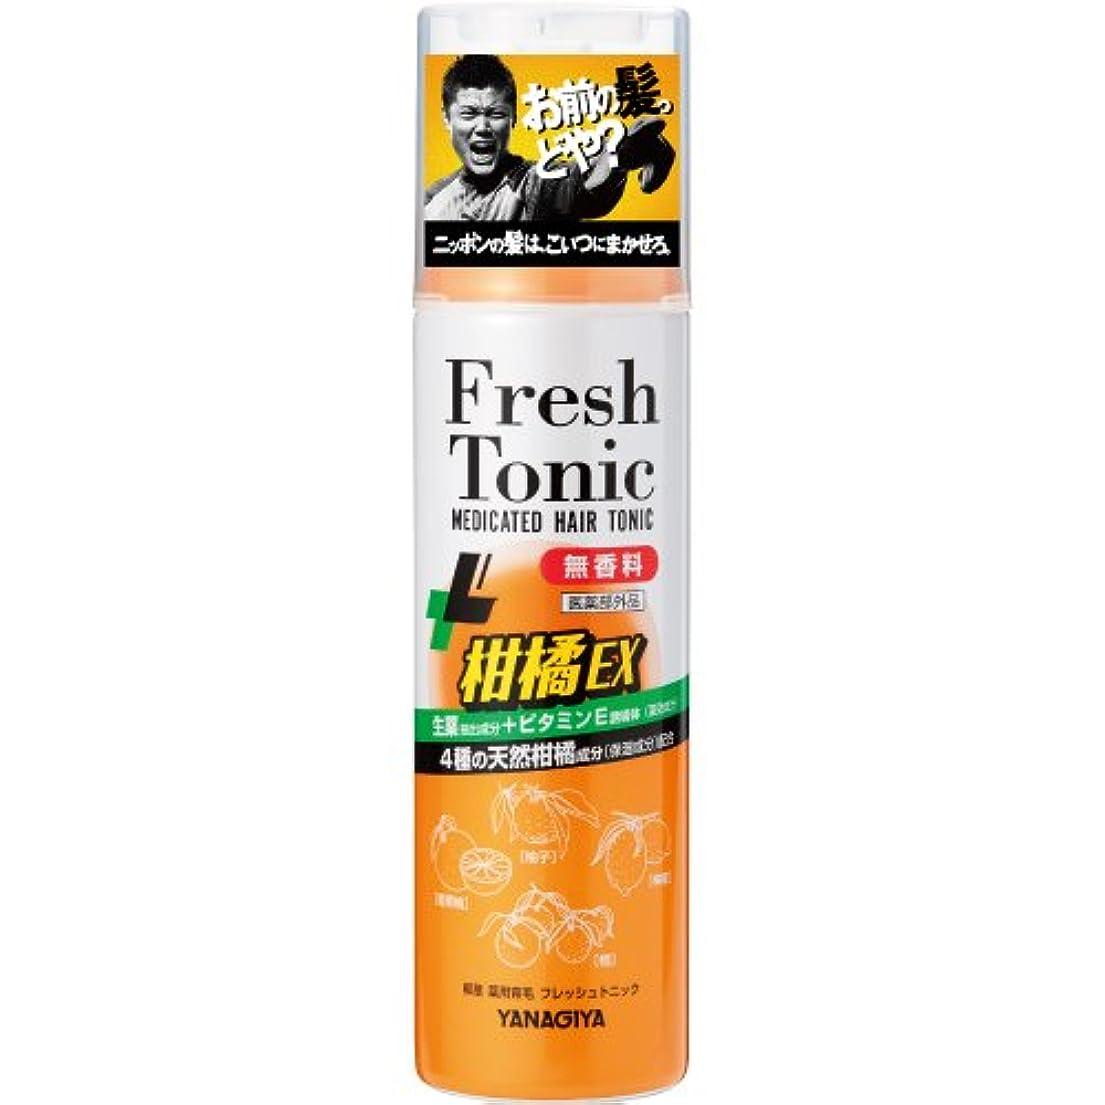 ドロップ切り刻むなぞらえる柳屋 薬用育毛 フレッシュトニック 柑橘EX <無香料> 190g